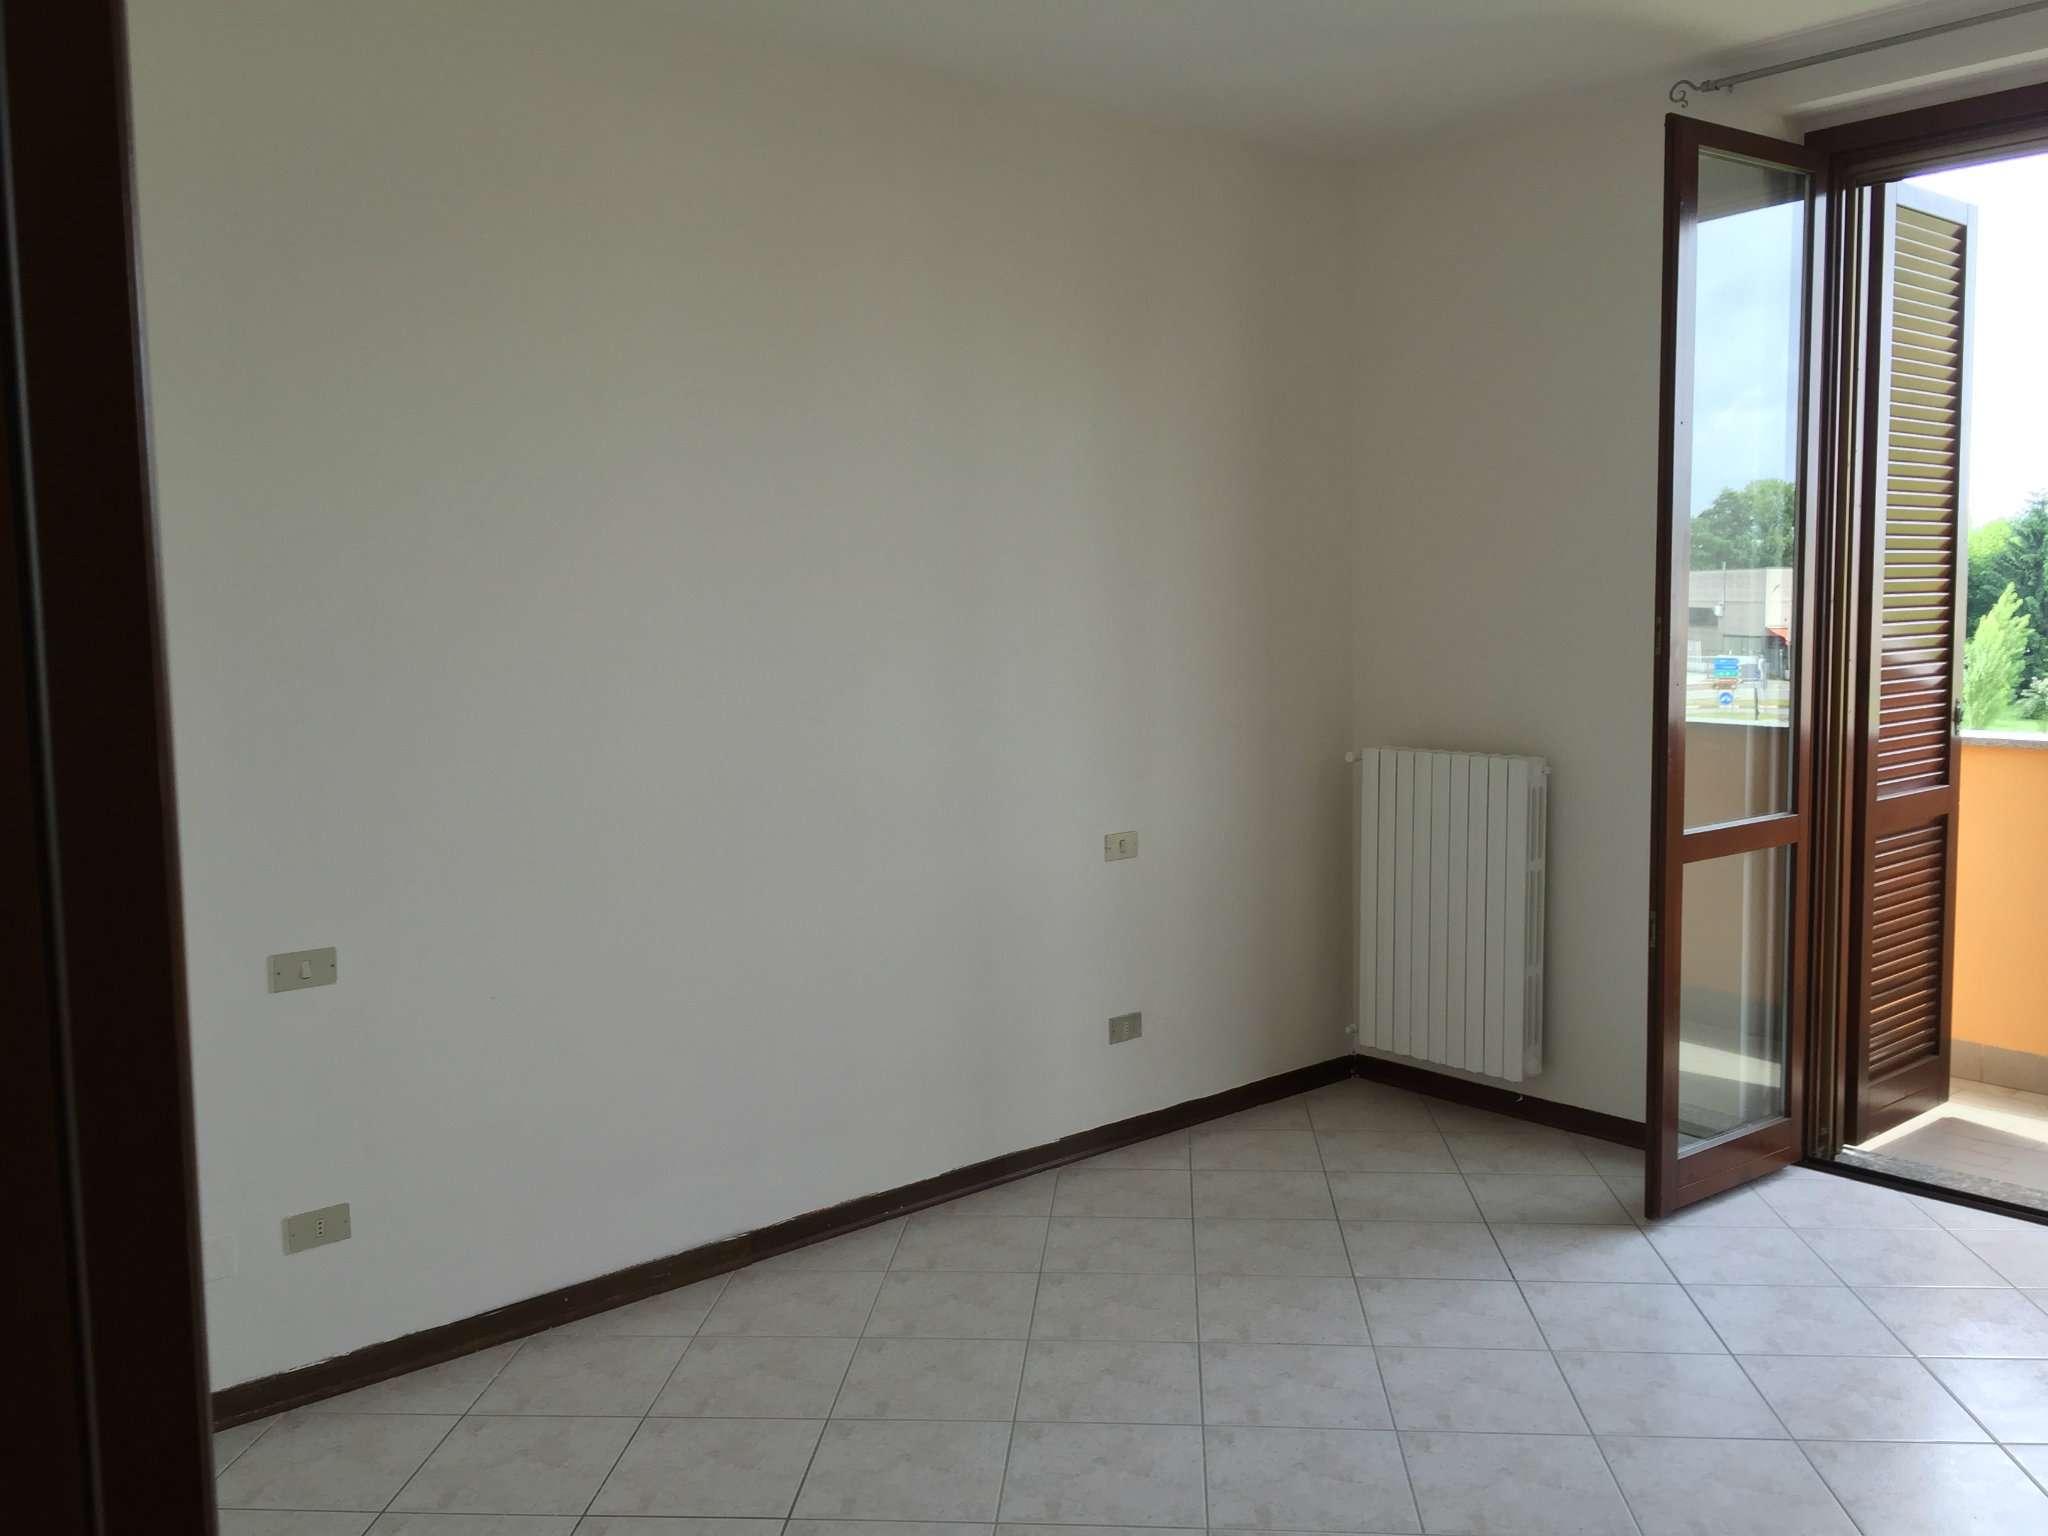 Bilocale San Martino in Strada Via Agnelli 27 6